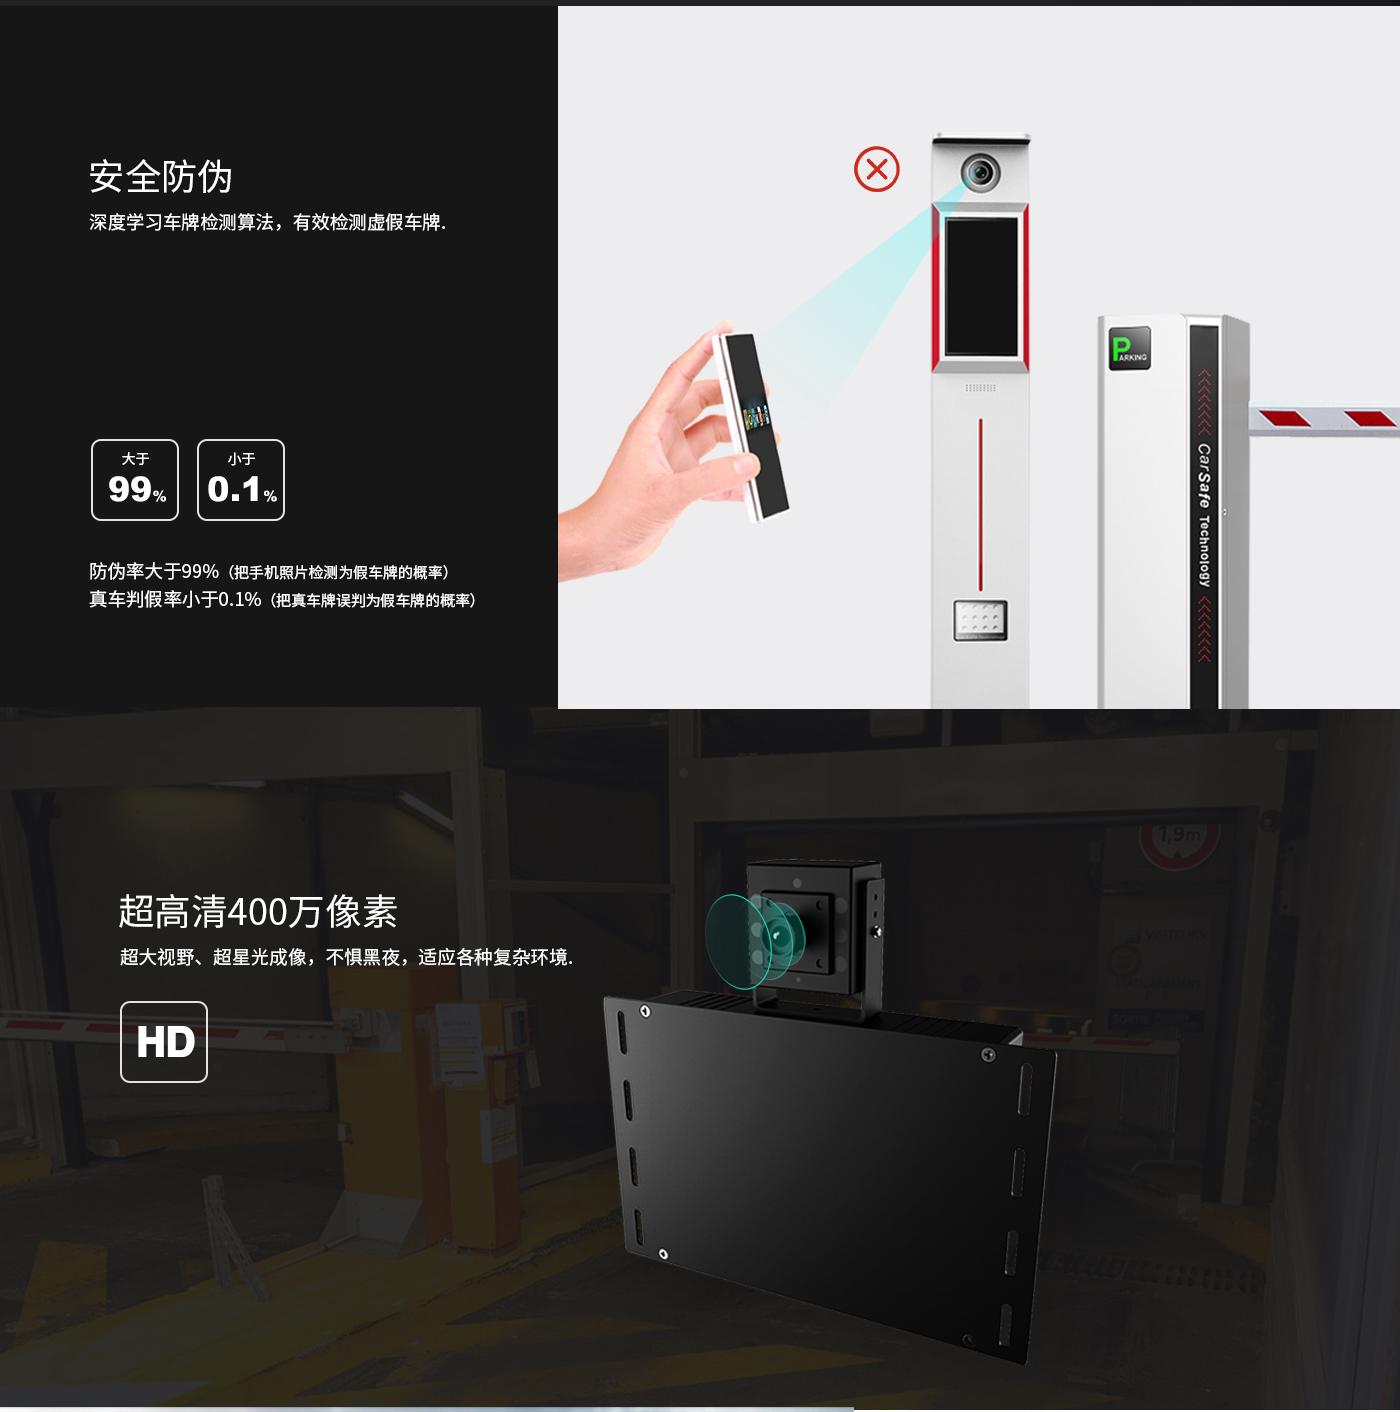 VBOX 海纳系列车牌识别广告盒3.jpg